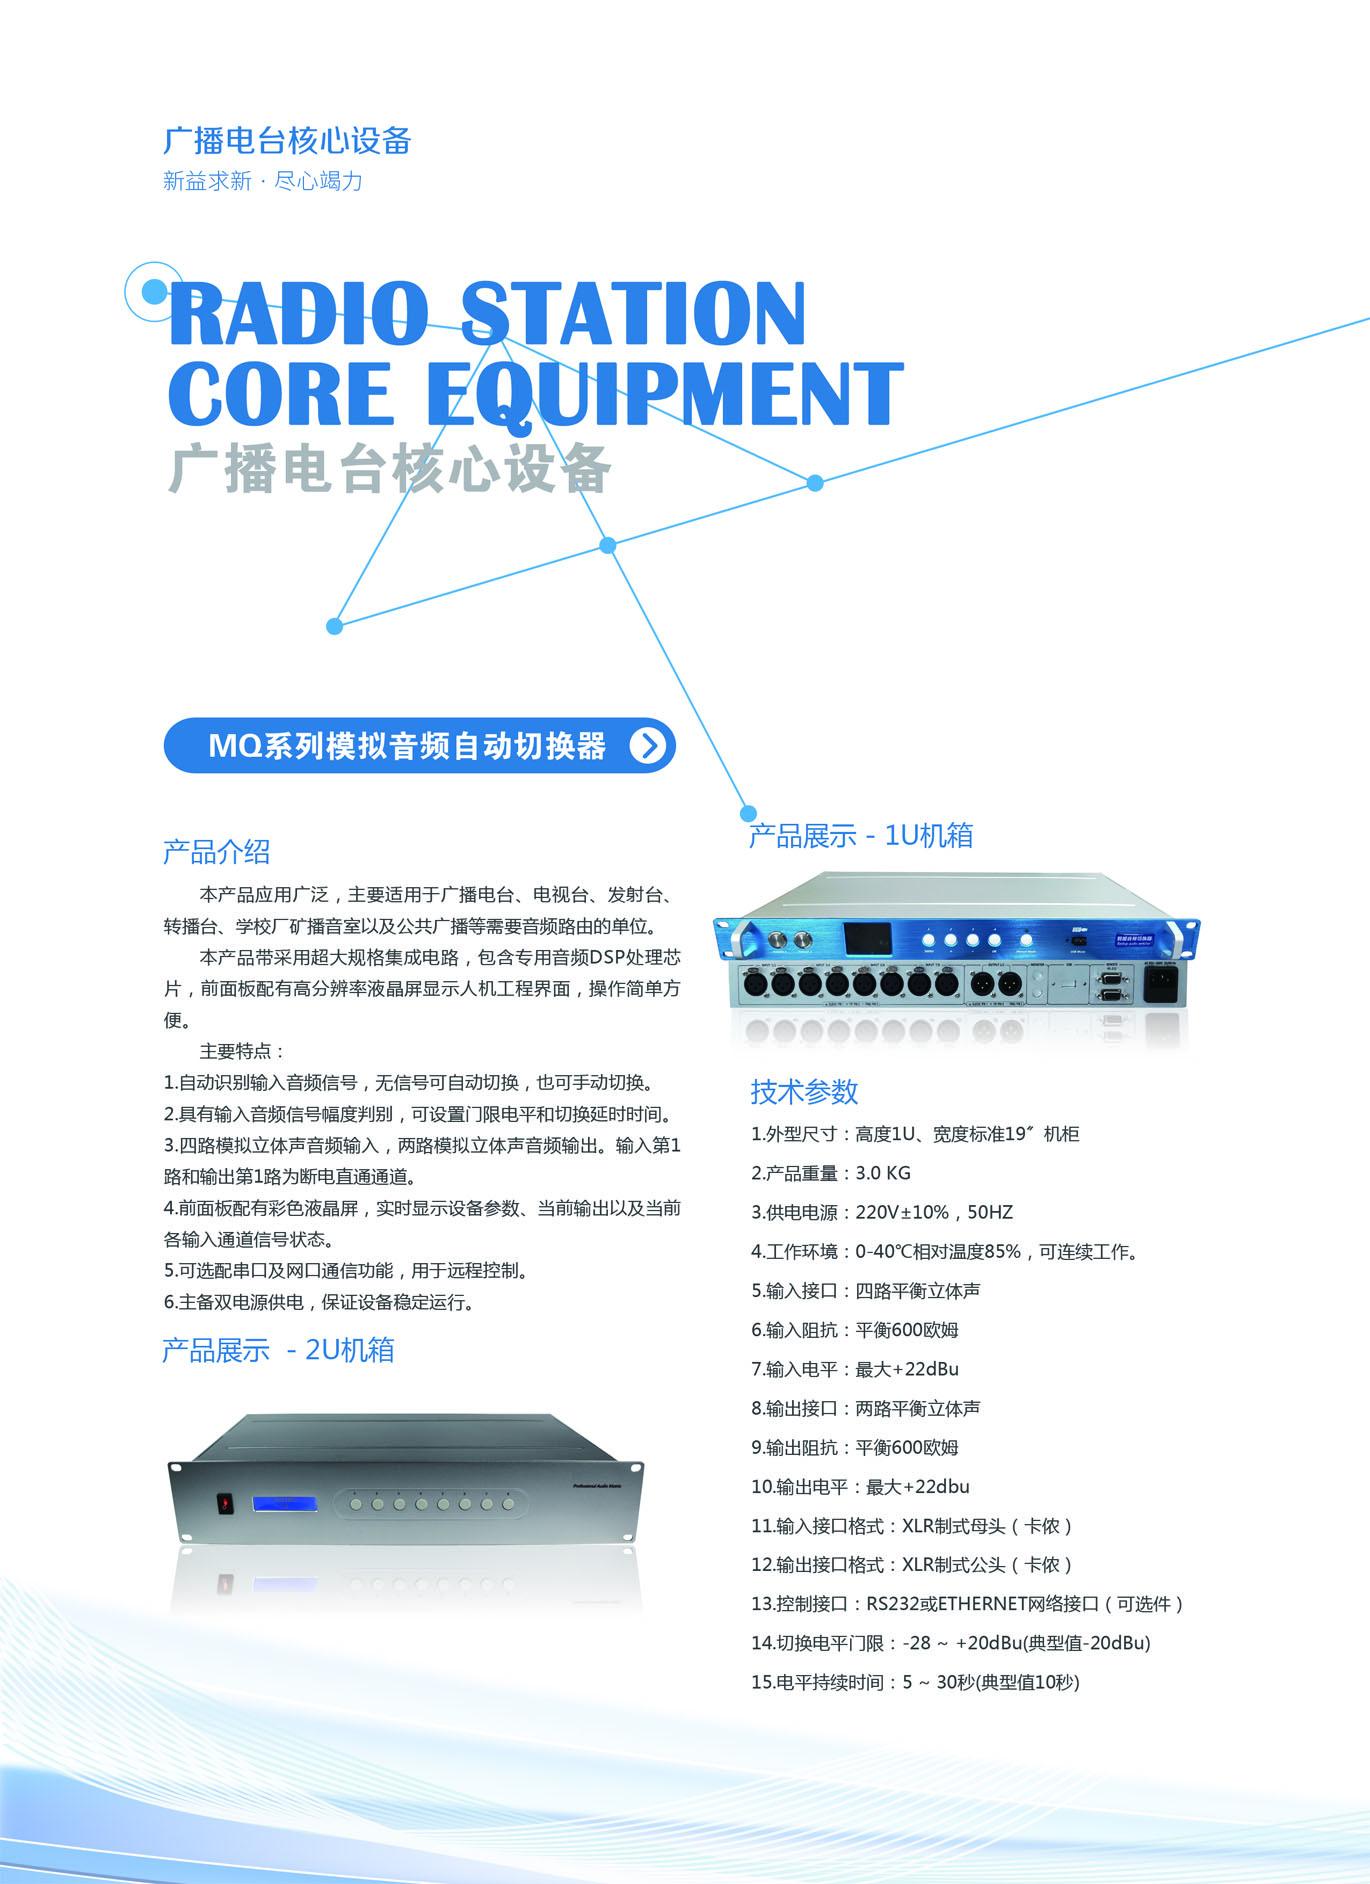 廣播電視&電臺專業設備